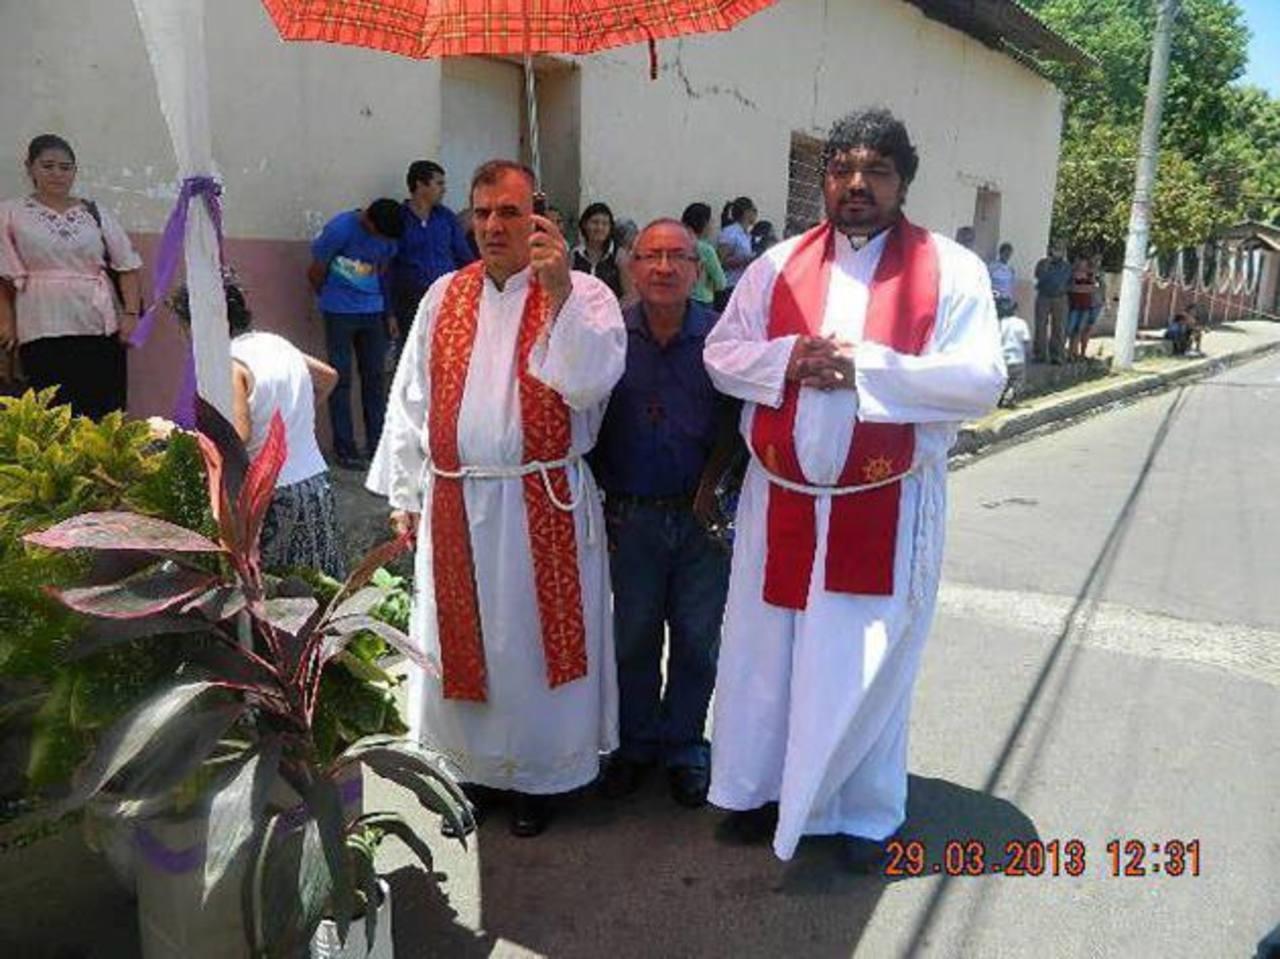 El cura impostor Mario Quintanilla (de barba) en una procesión de Semana Santa, junto al párroco Fernando Alvarado. foto edh / Francisco Torres